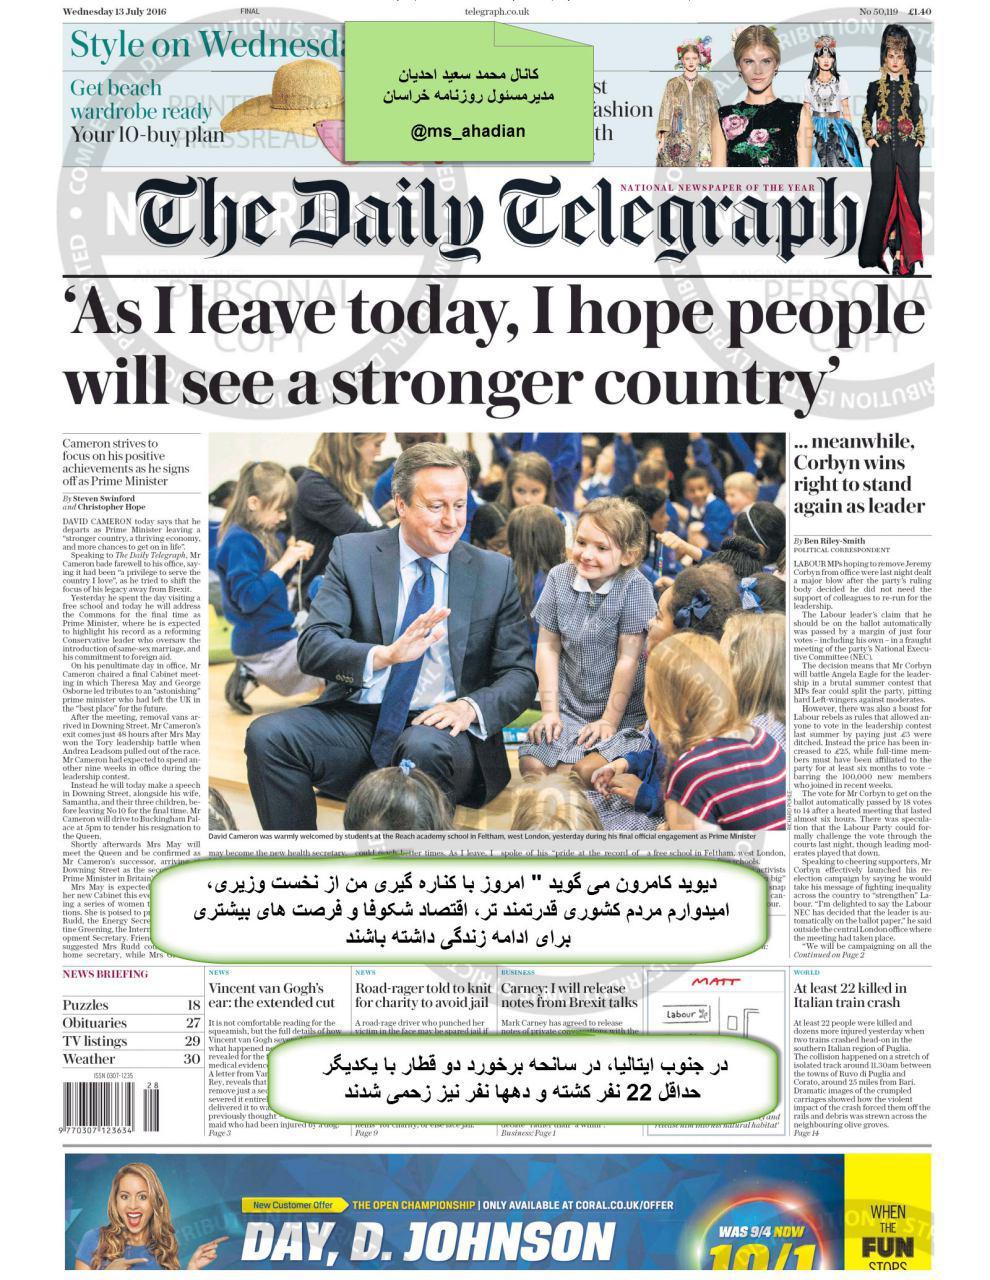 روزنامه دیلی تلگراف کشور انگلیس